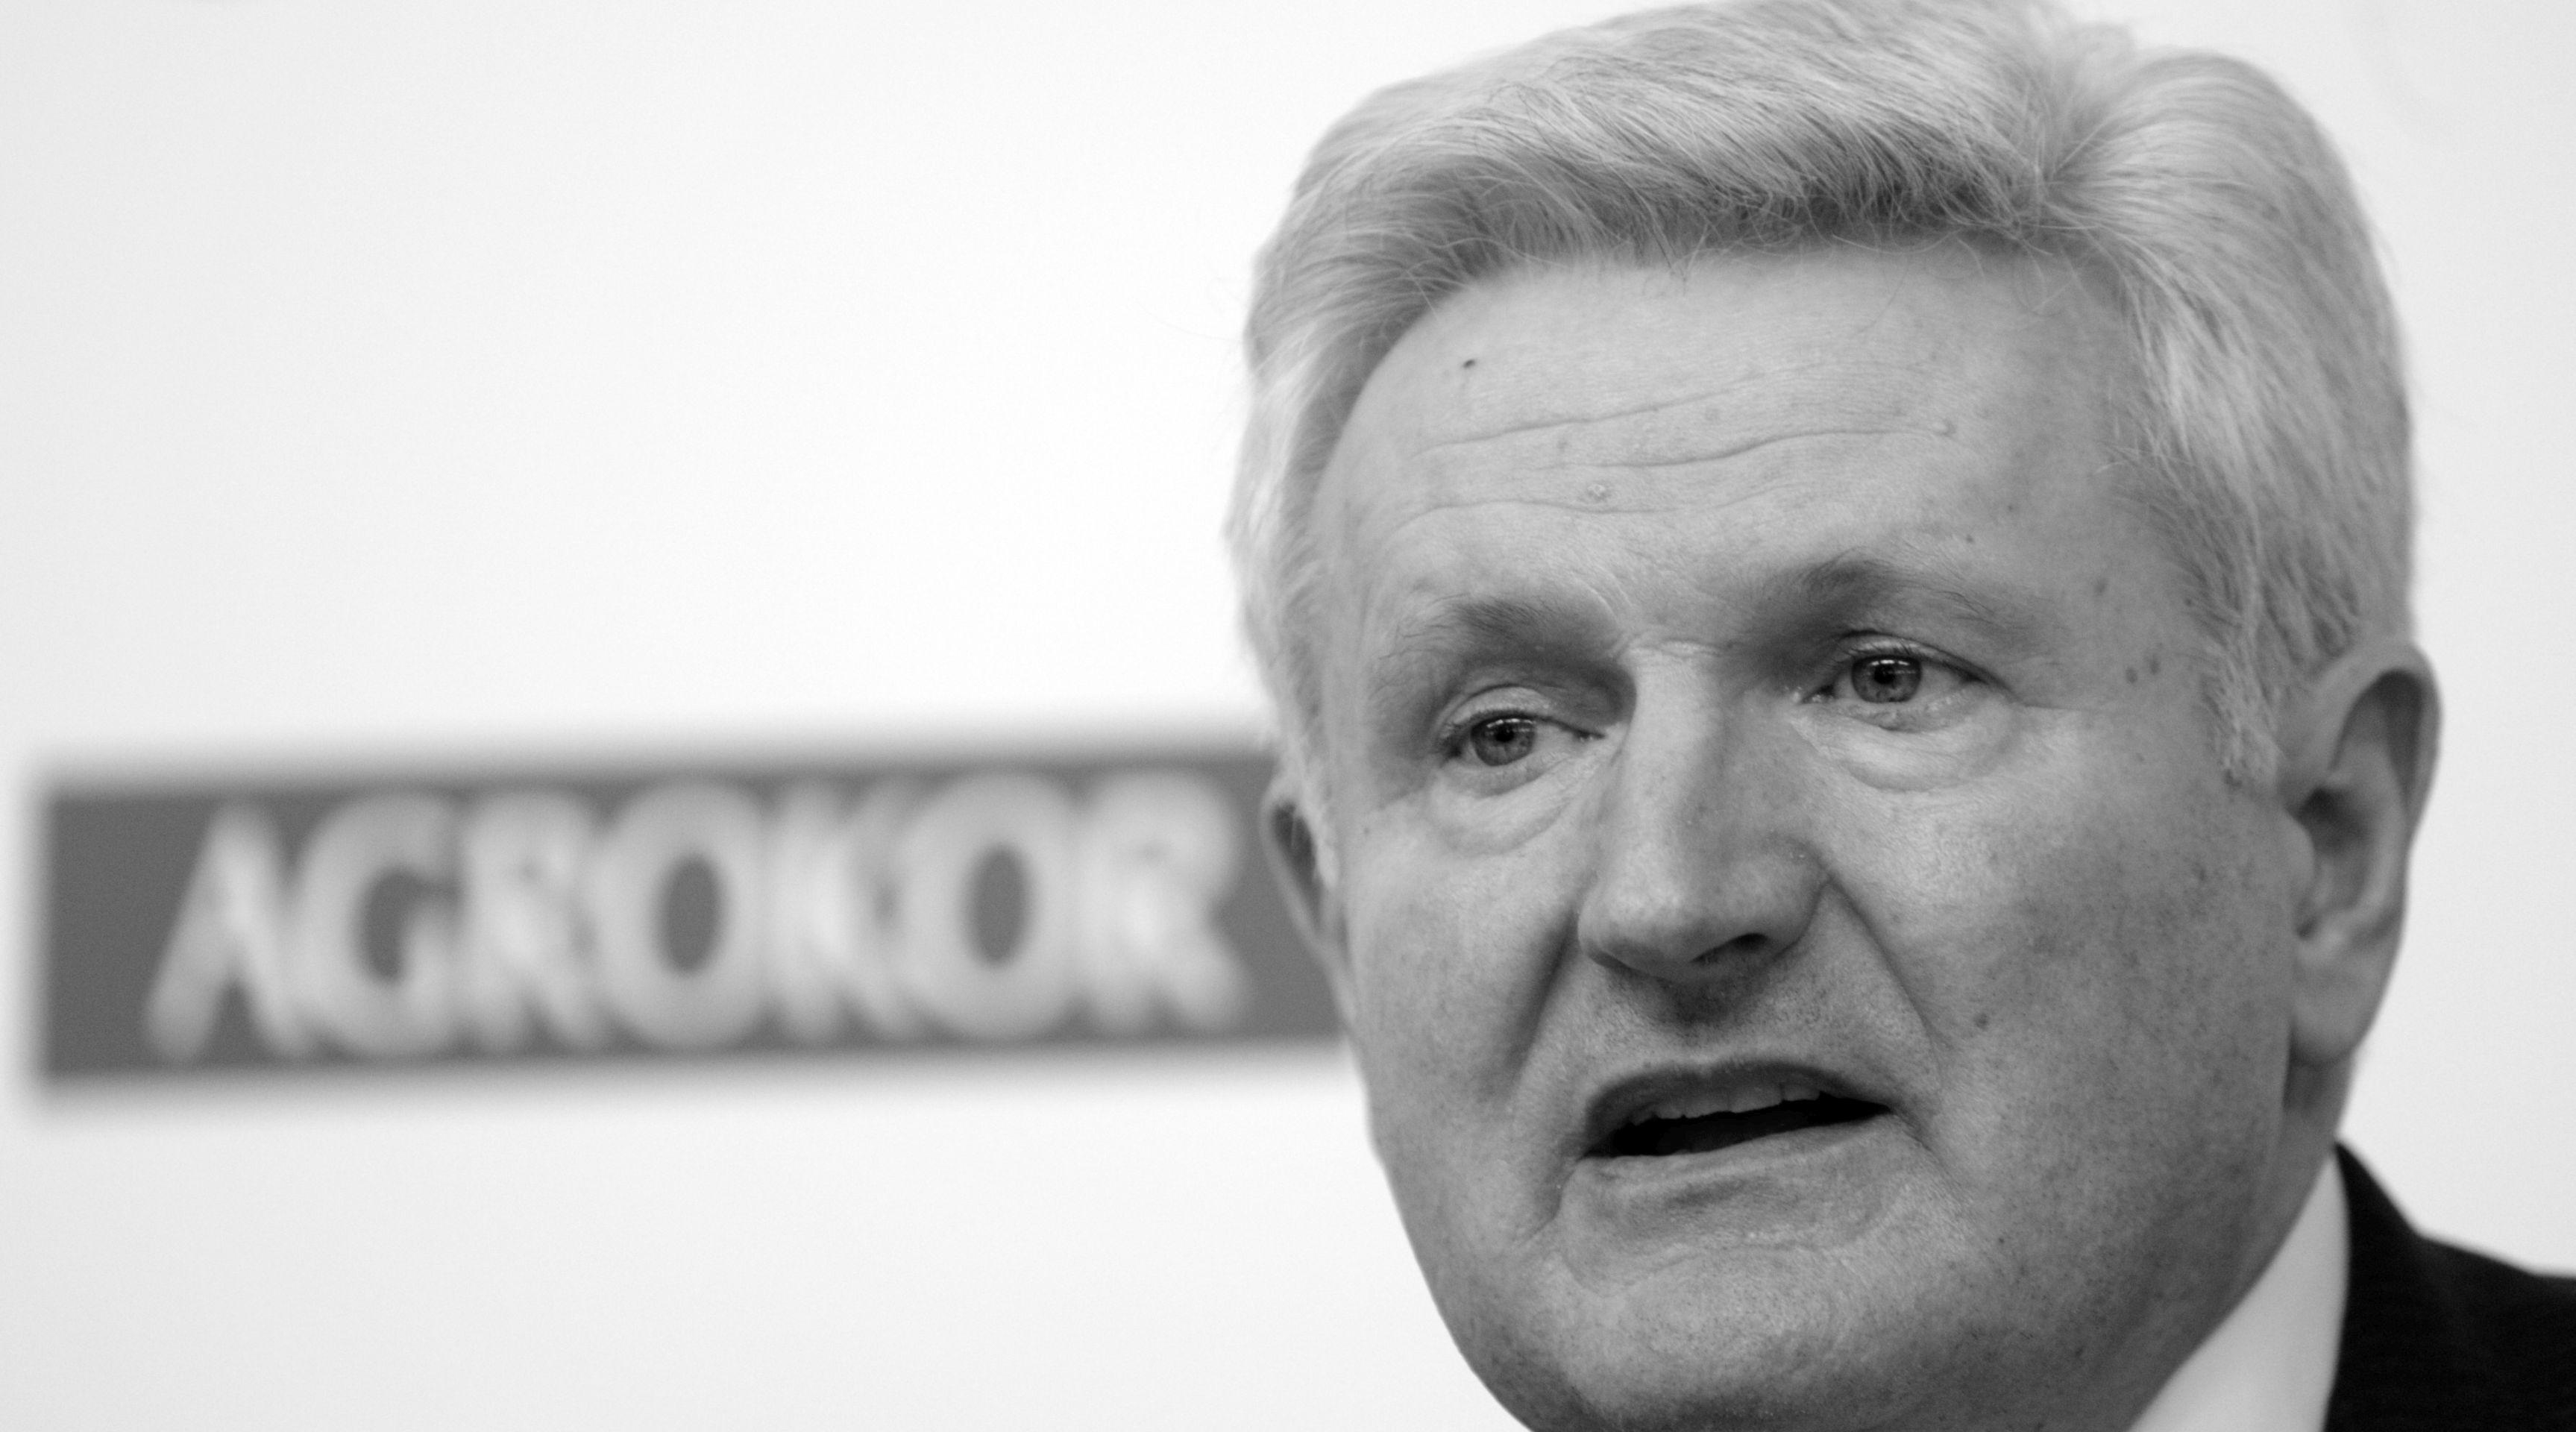 Istraga protiv Ivice Todorića i ostalih postala pravomoćna